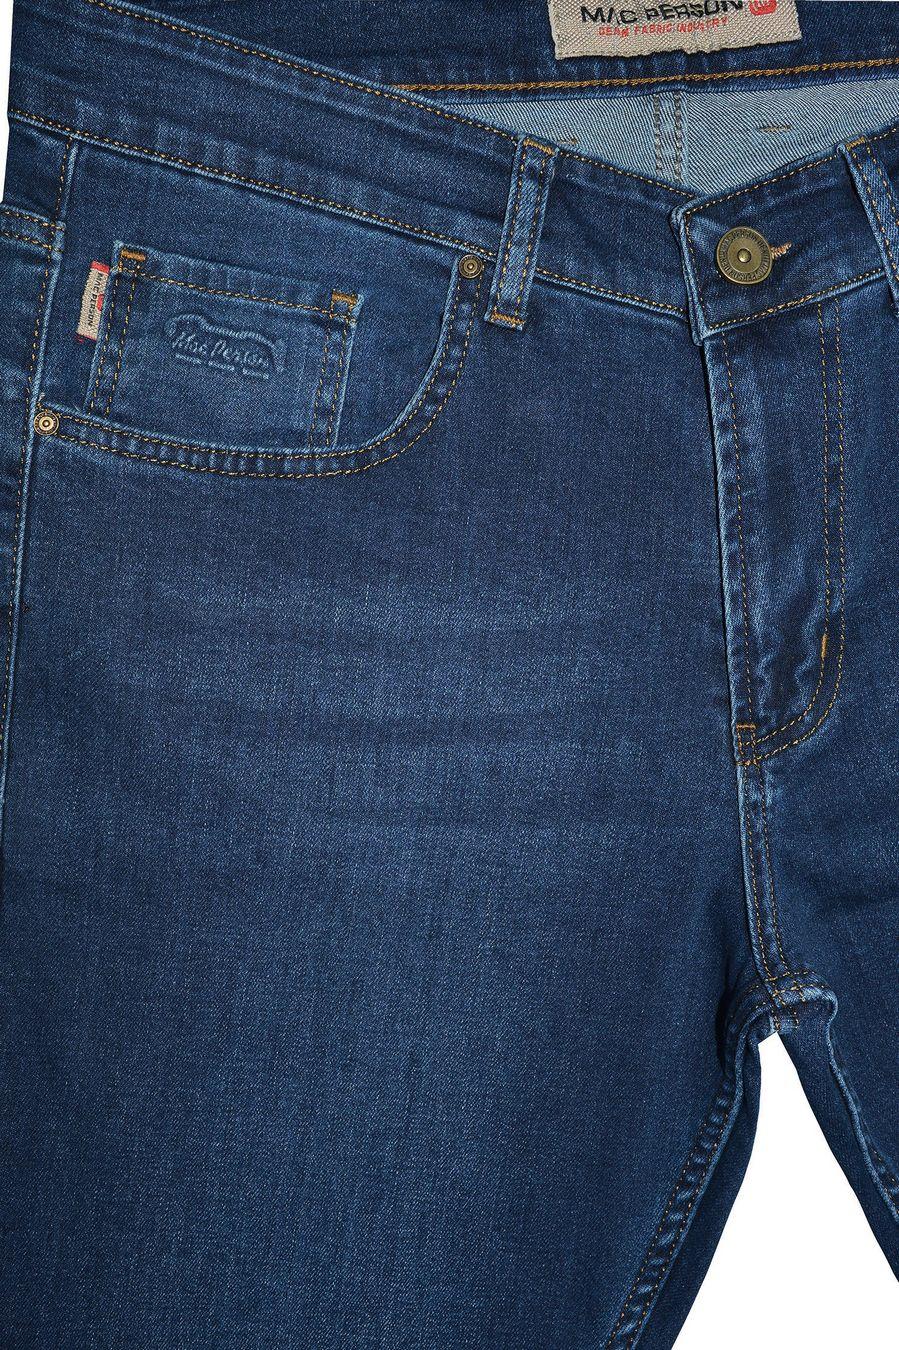 Джинсы мужские MAC Person 2939-12373 Blue Blue L32 - фото 3